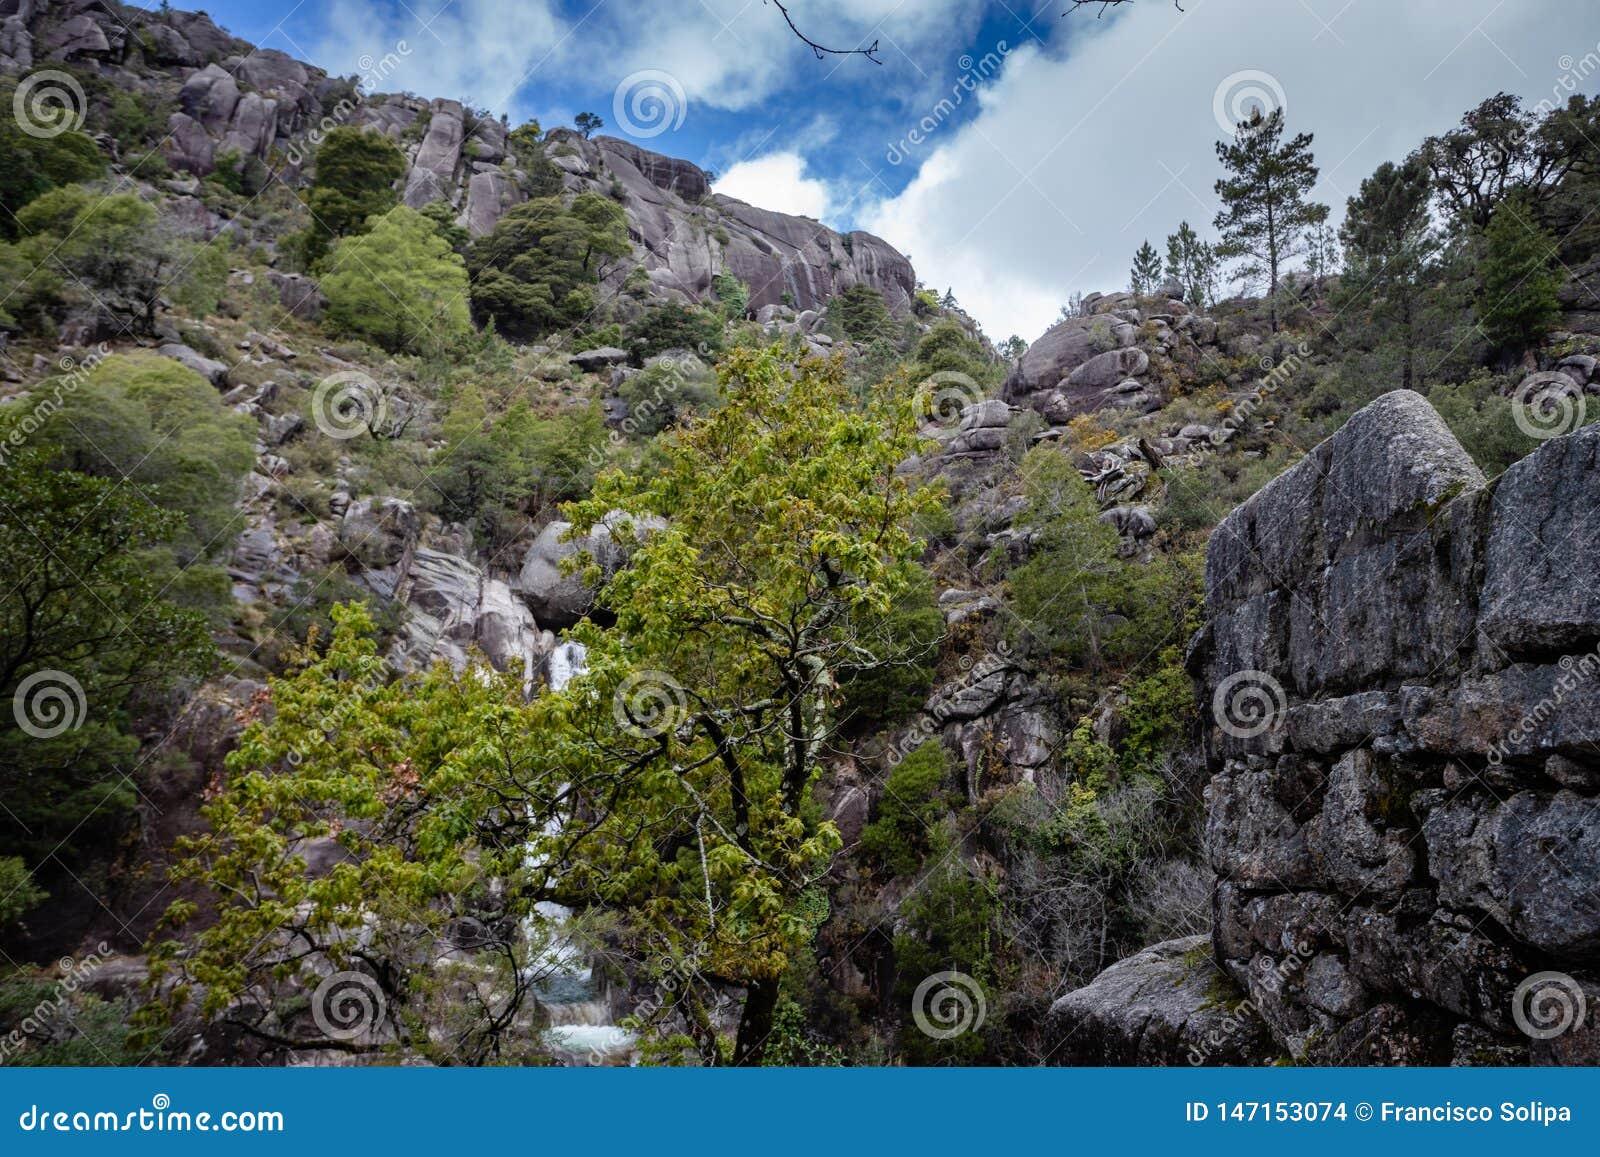 Mountain creek in Peneda Geres, Portugal